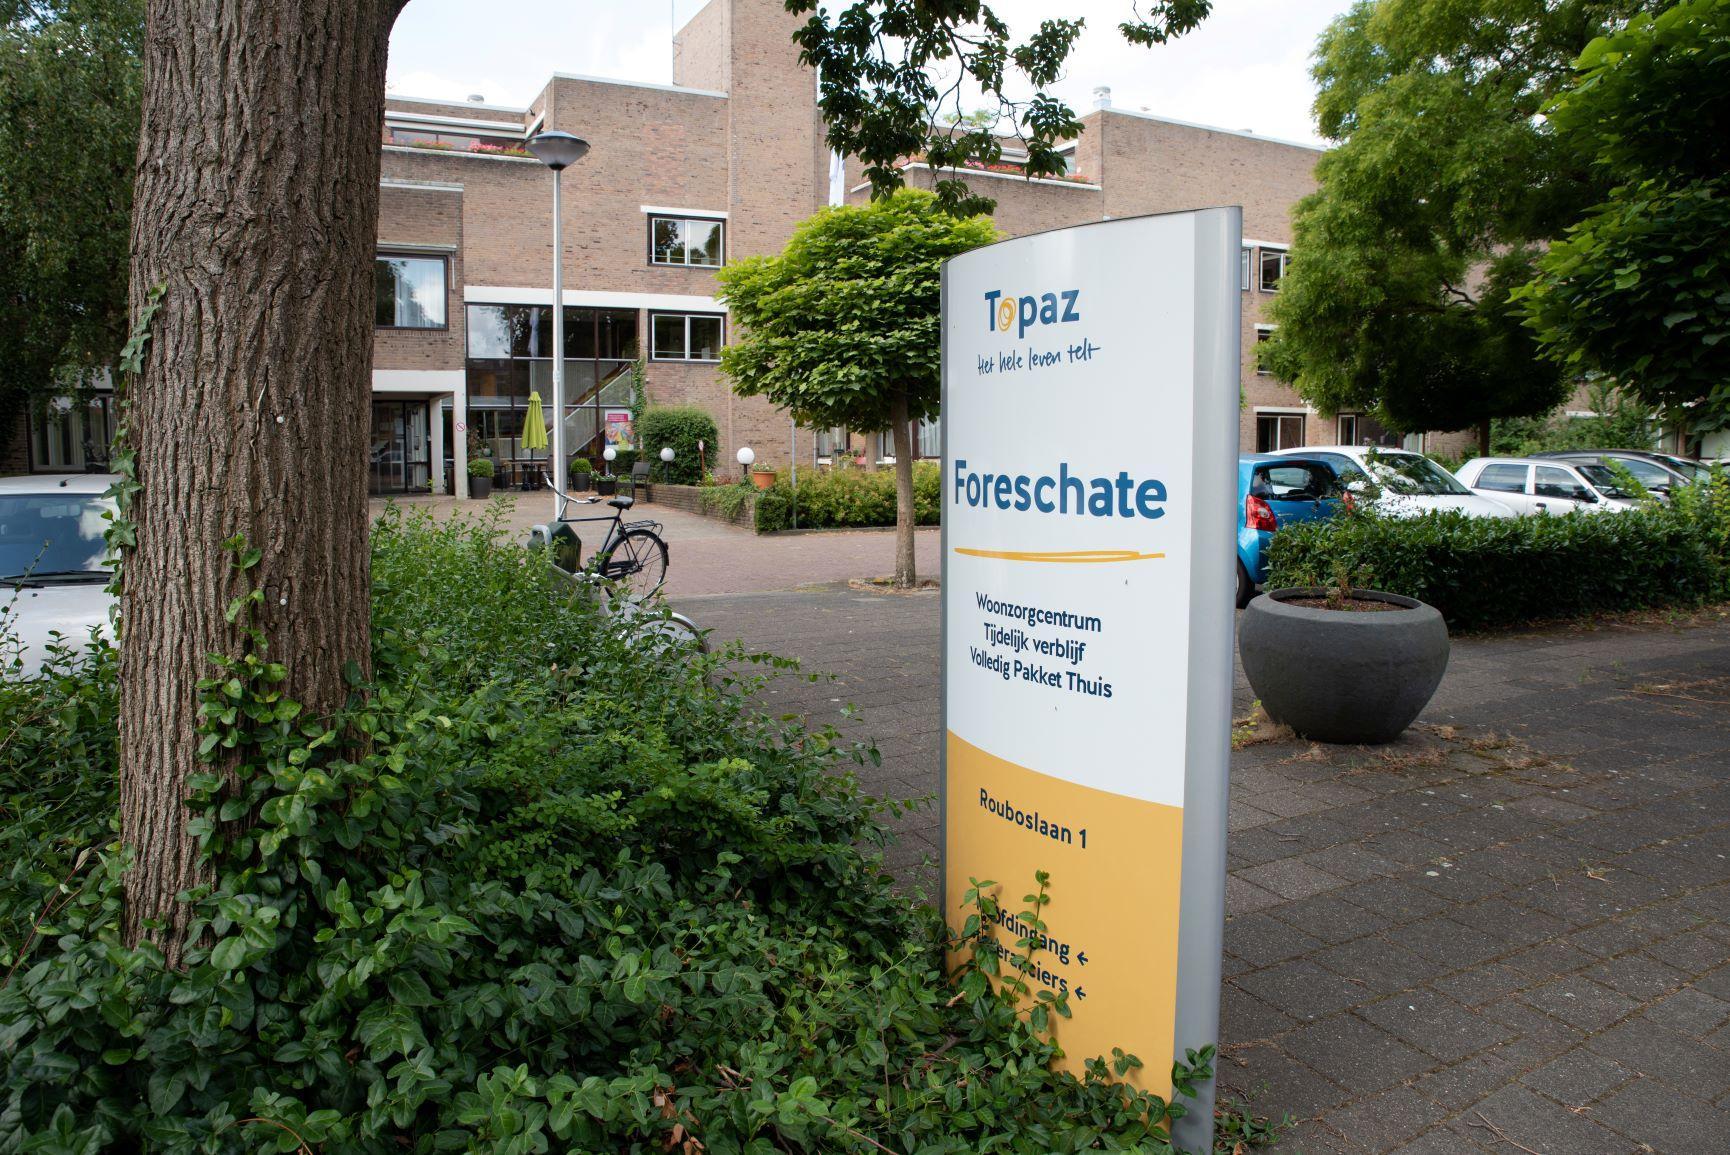 Nieuwbouw woonzorgcentrum Foreschate in Voorschoten, bewoners tijdelijk naar Groenhoven in Leiden